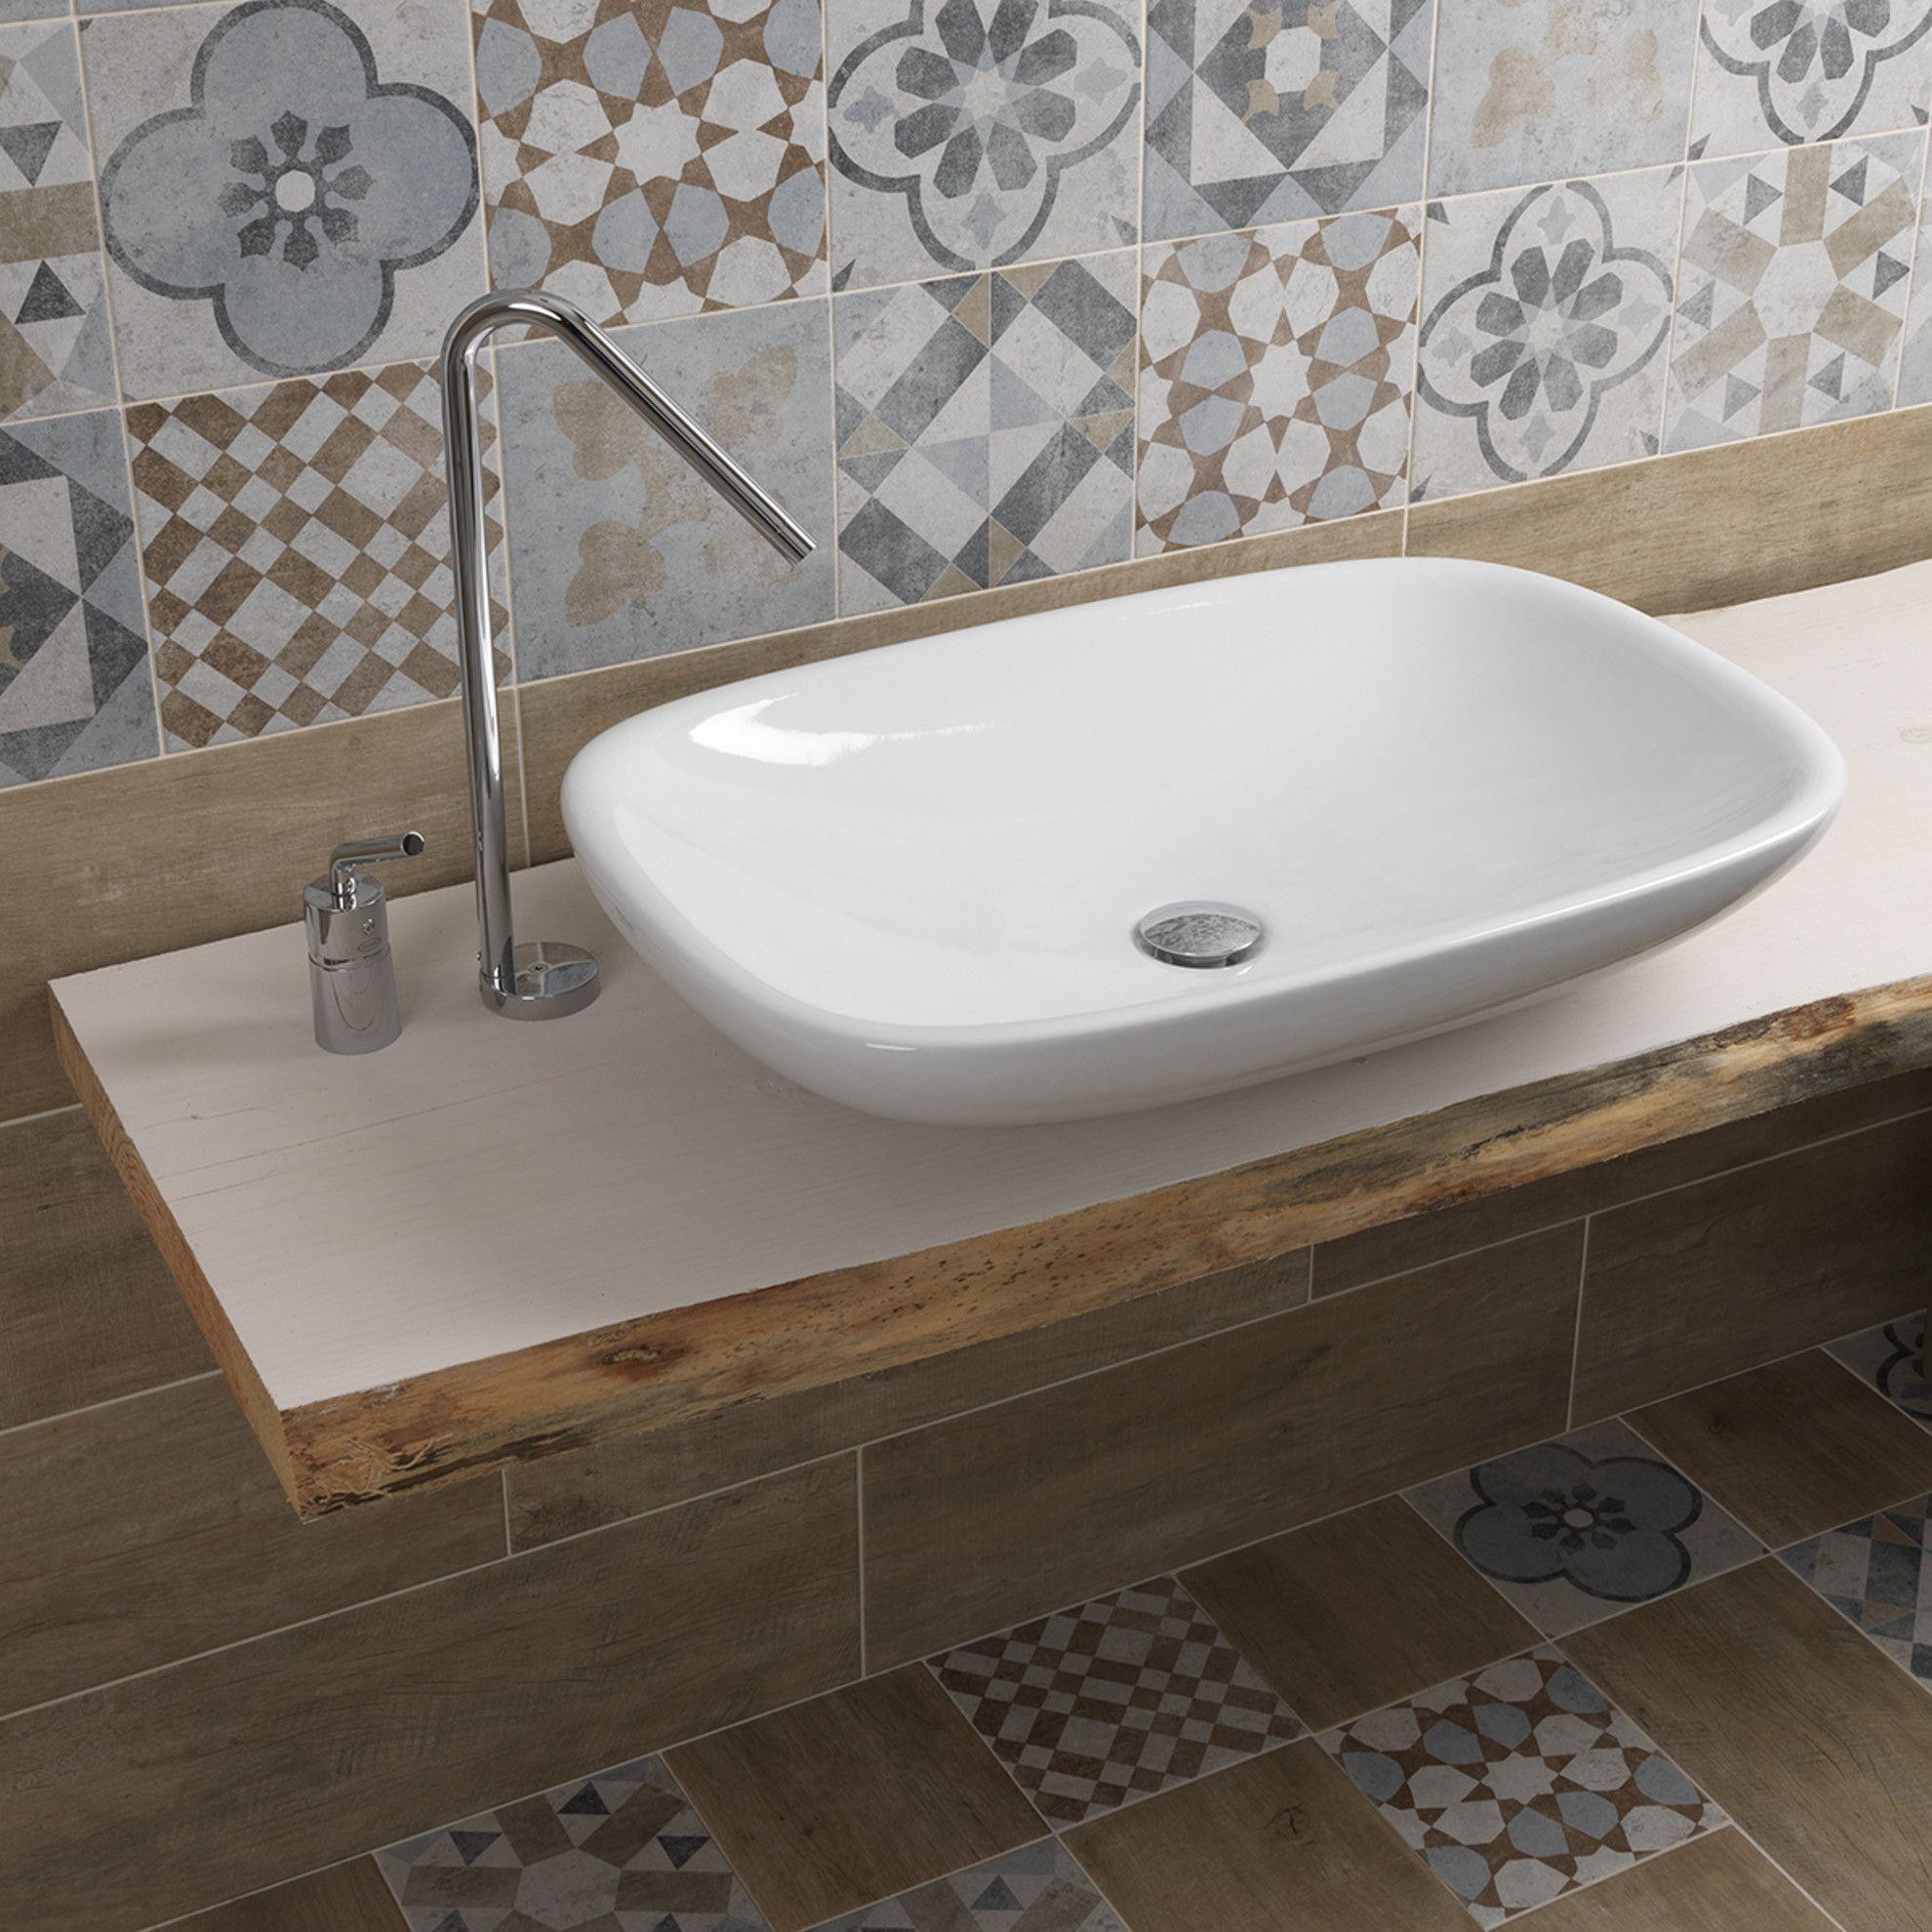 Piastrella villa 20 x 20 multicolor prezzi e offerte - Piastrelle per bagno in offerta ...